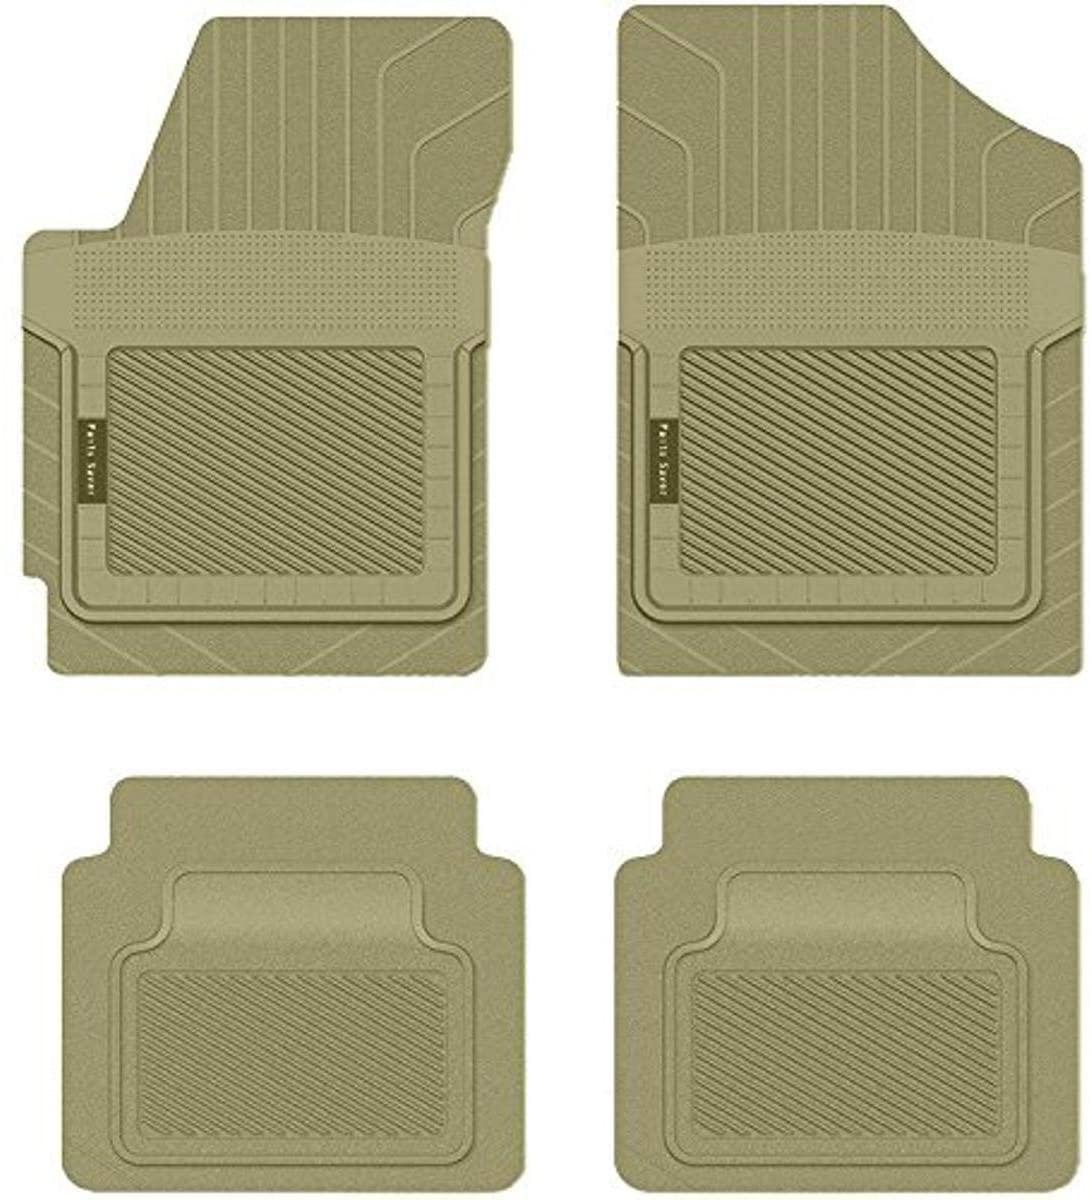 PANTSSAVER (4229143) Custom Fit Car Mat 4PC  Tan